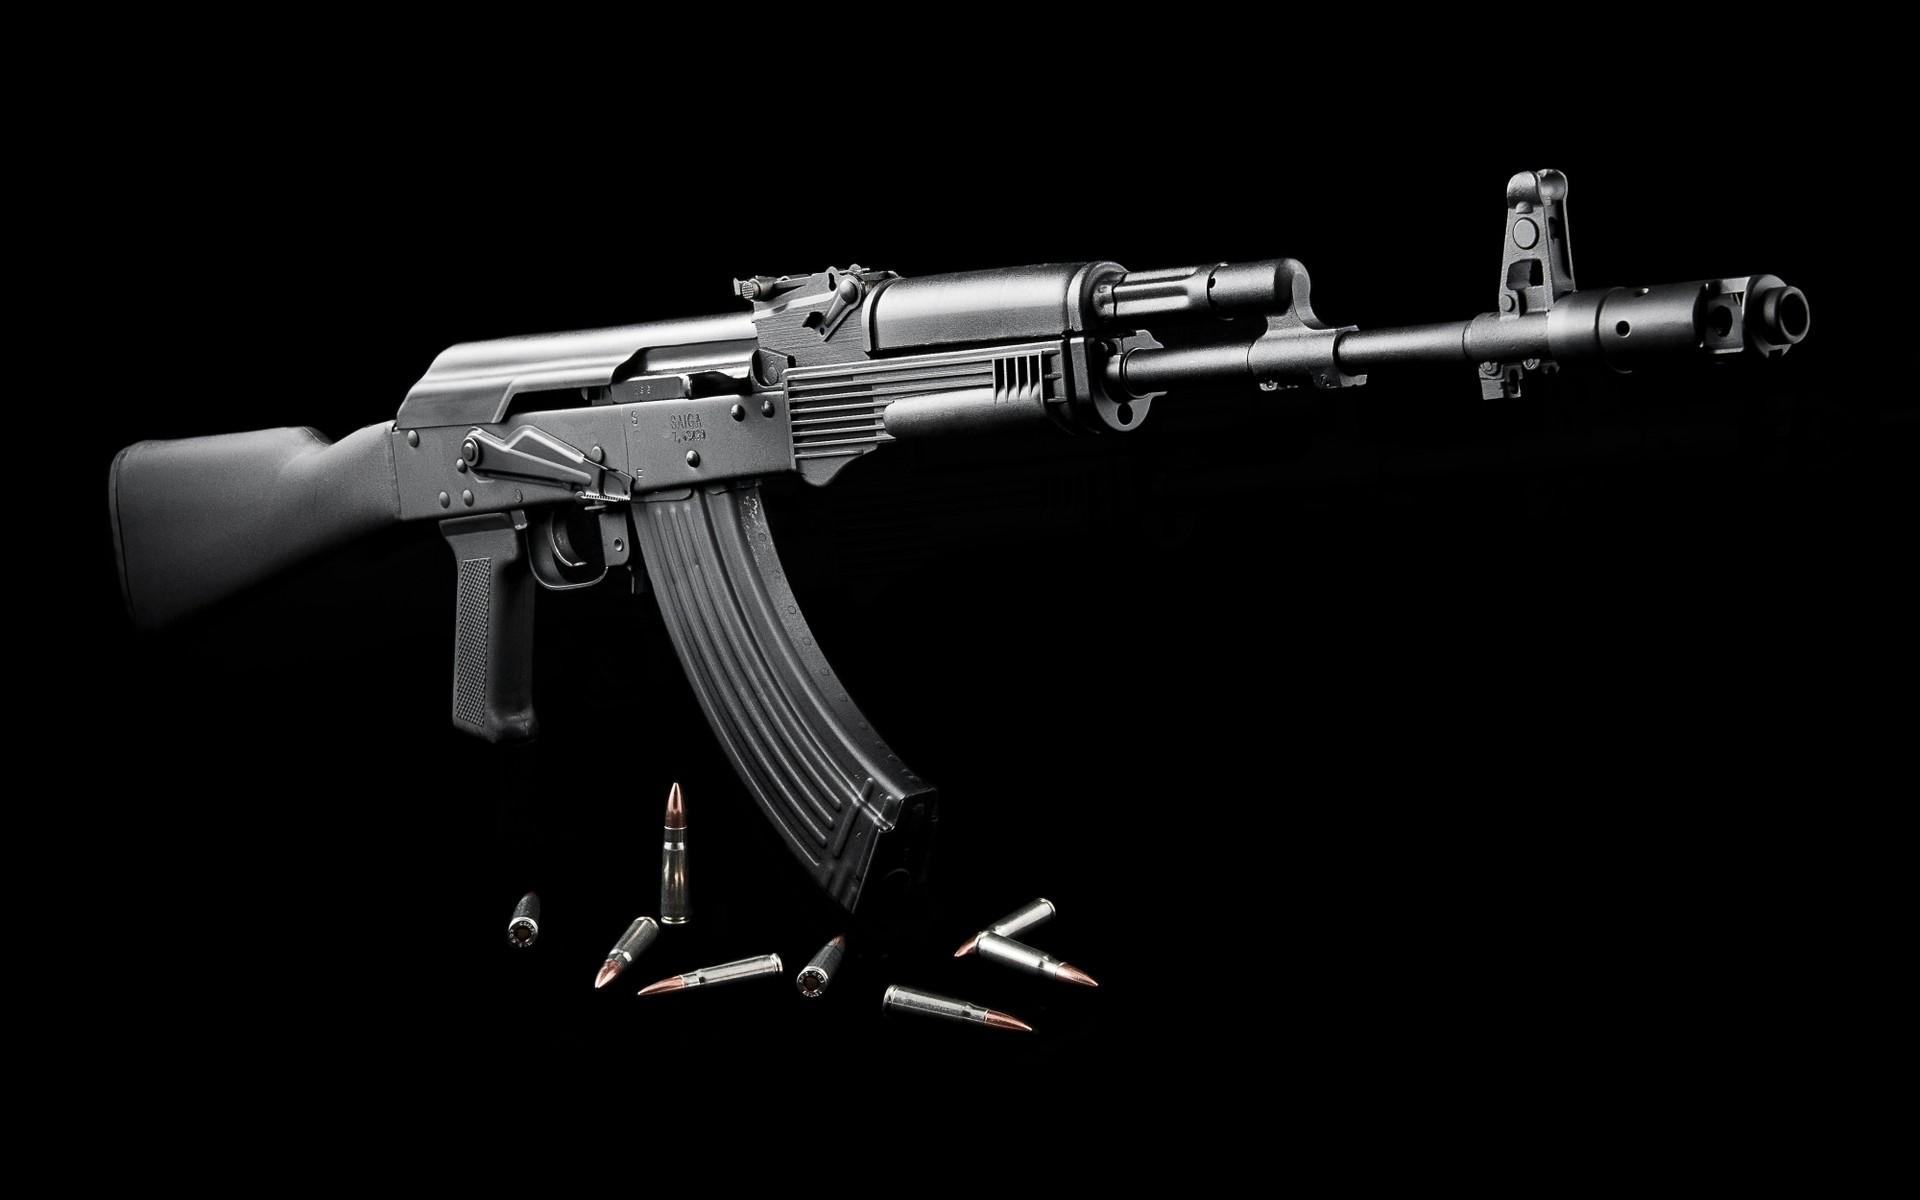 ak_47_assault_rifle_18_02_2013_picture_ak47_hd-wallpaper-1361975